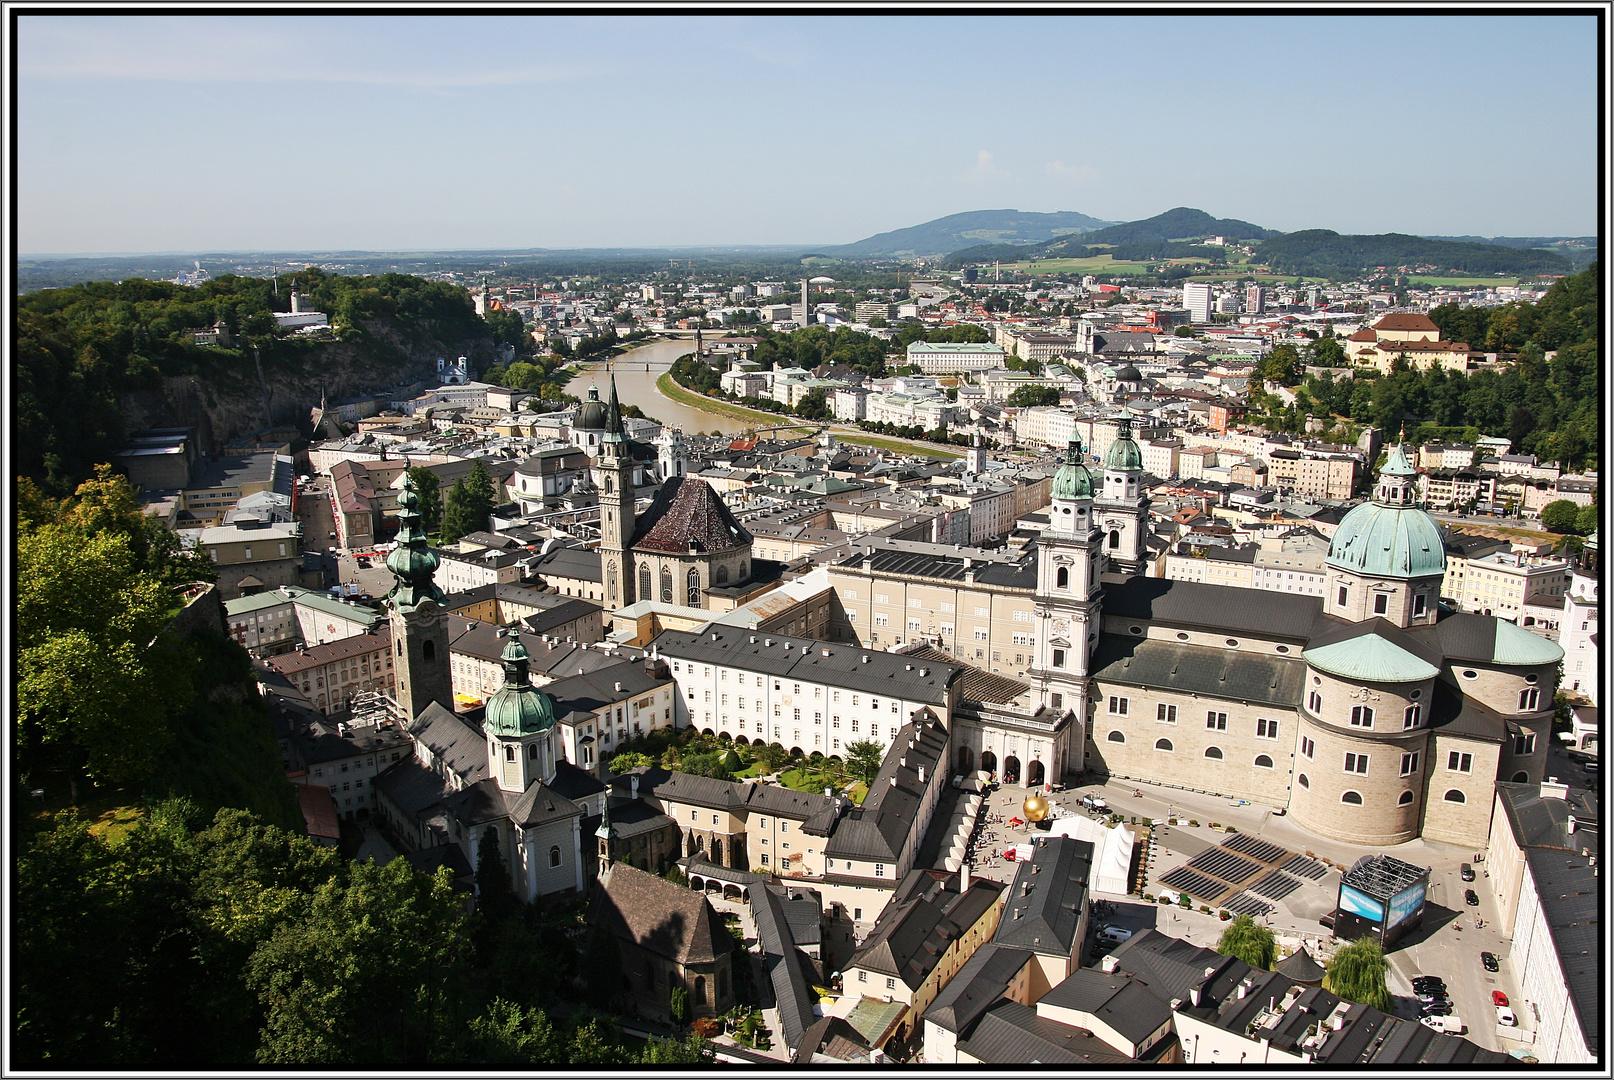 Die Altstadt von Salzburg